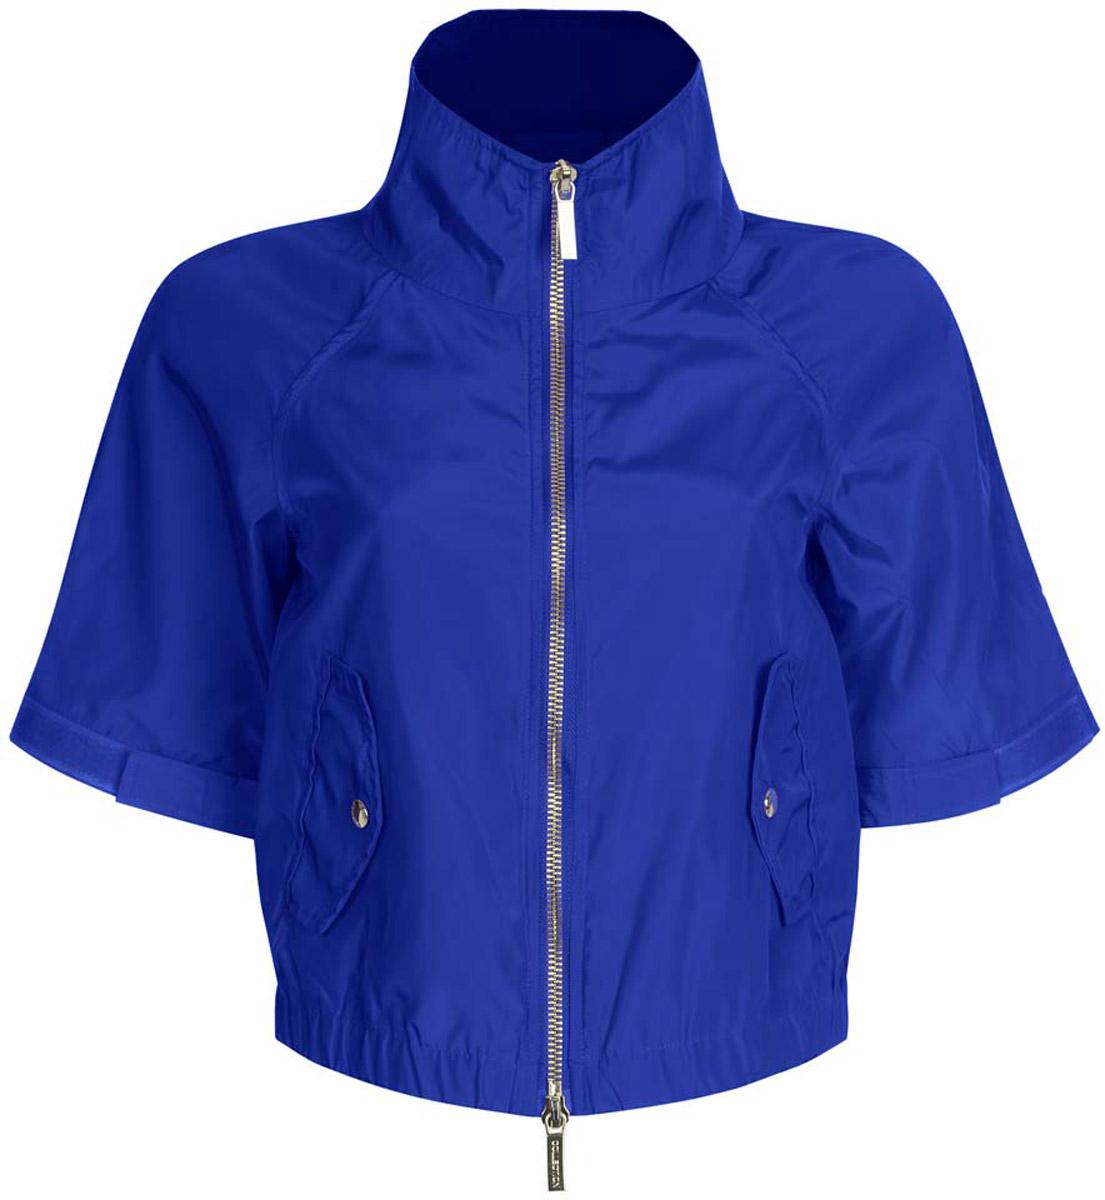 Куртка женская oodji Ultra, цвет: синий. 10307004/45462/7500N. Размер 38-170 (44-170)10307004/45462/7500NСтильная женская куртка oodji Ultra выполнена из качественного полиэстера. Куртка укороченной модели с рукавами-реглан длиной 3/4 и воротником-стойкой. Застегивается модель спереди на застежку-молнию. Низ куртки на широкой эластичной резинке. По бокам и на манжетах изделие дополнено хлястиками, которые регулируют посадку и объем с помощью липучек. Спереди куртка оформлена двумя втачными карманами с клапанами на кнопках.